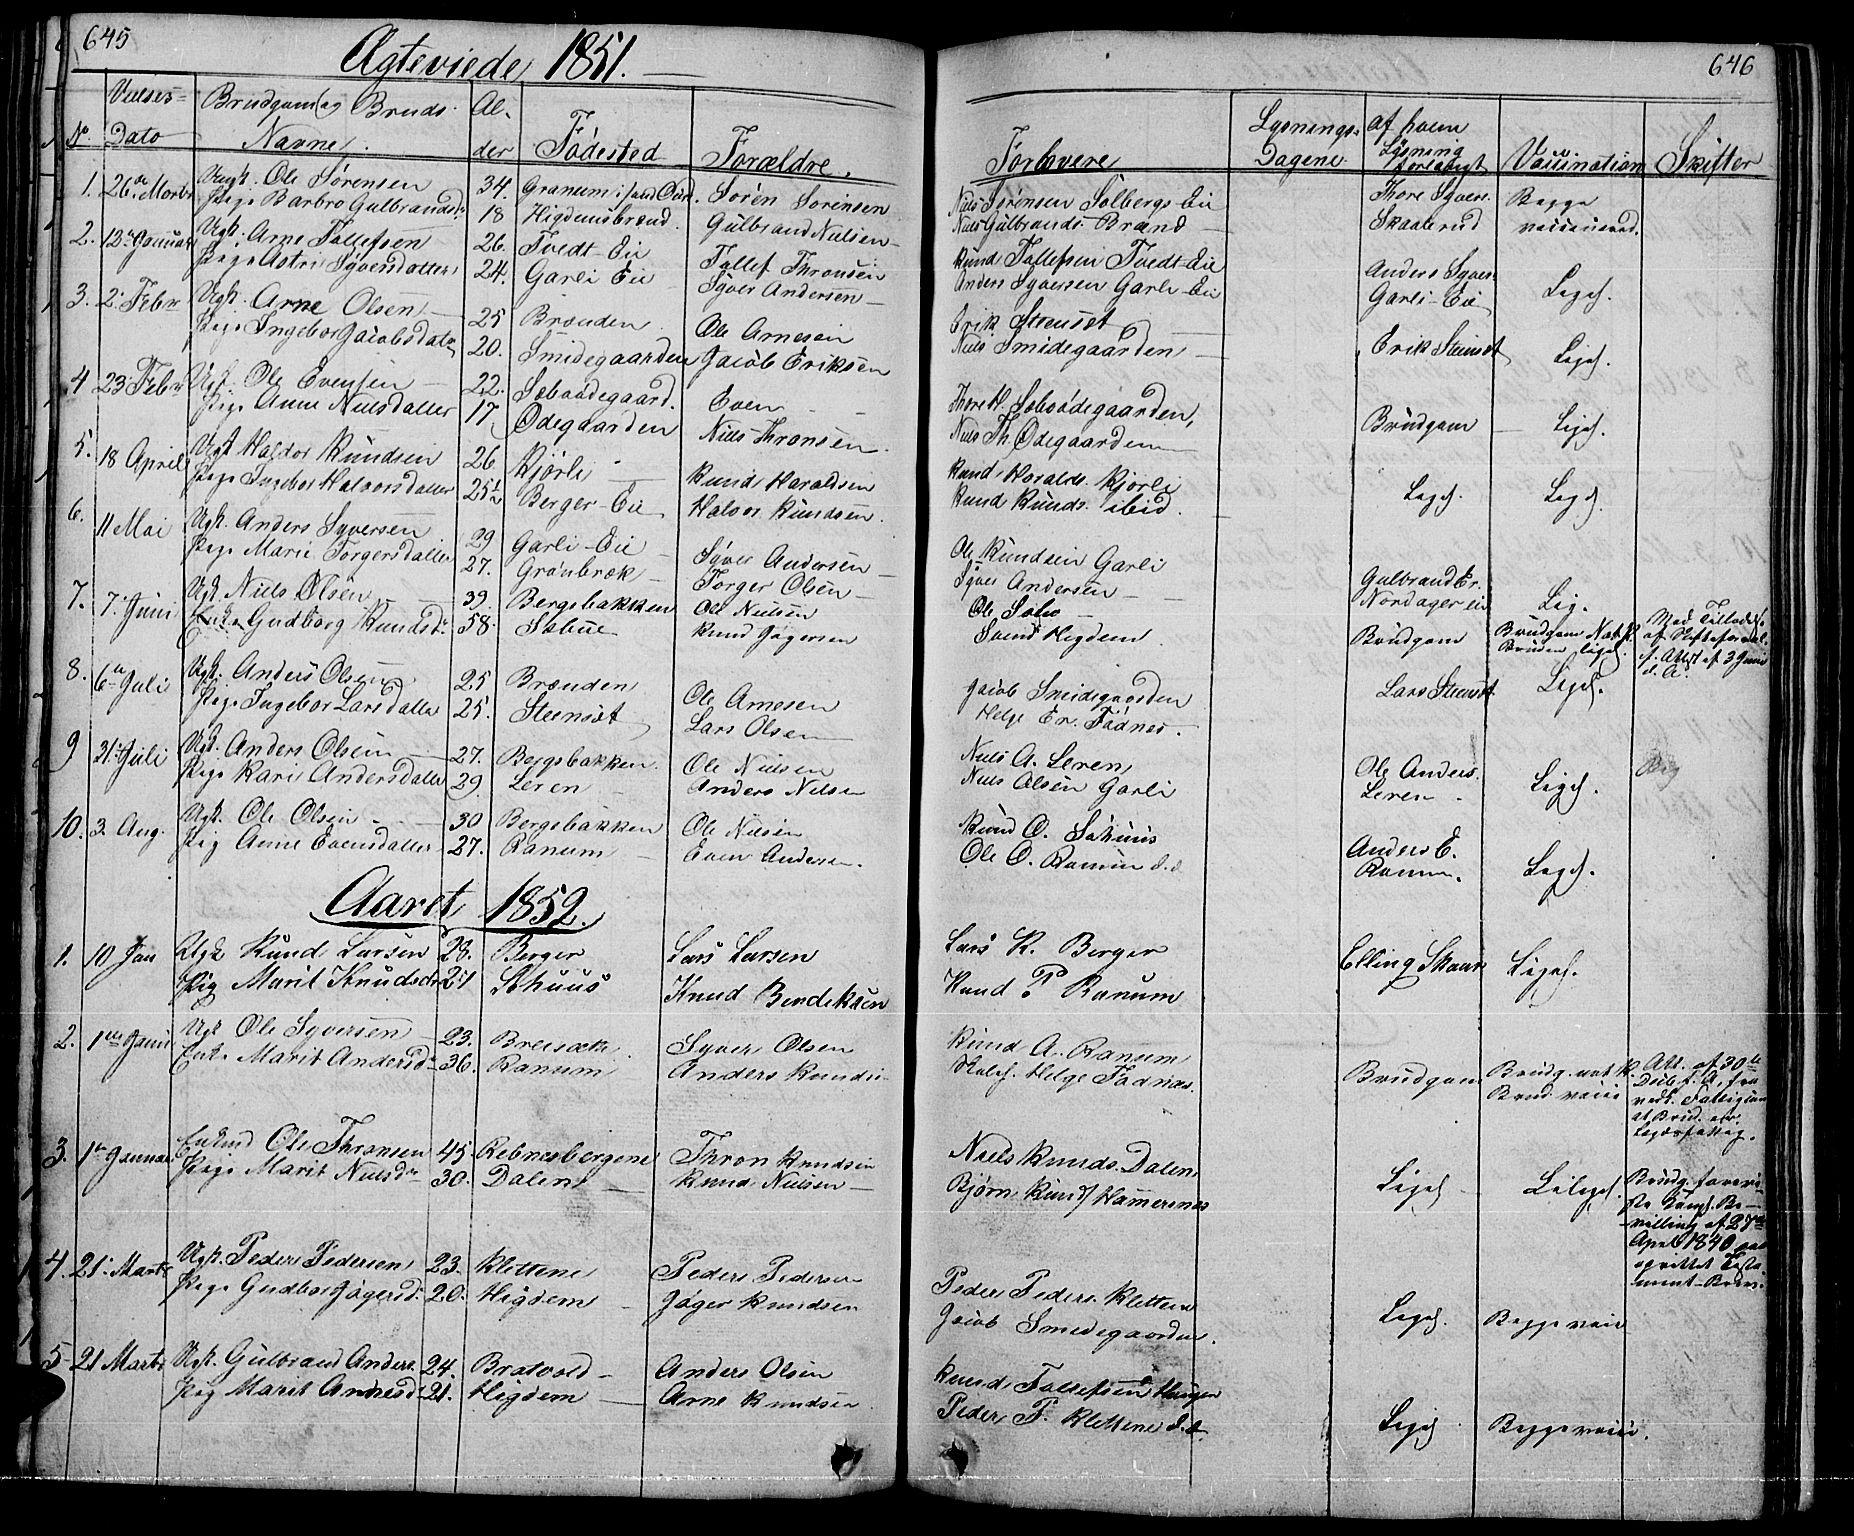 SAH, Nord-Aurdal prestekontor, Klokkerbok nr. 1, 1834-1887, s. 645-646